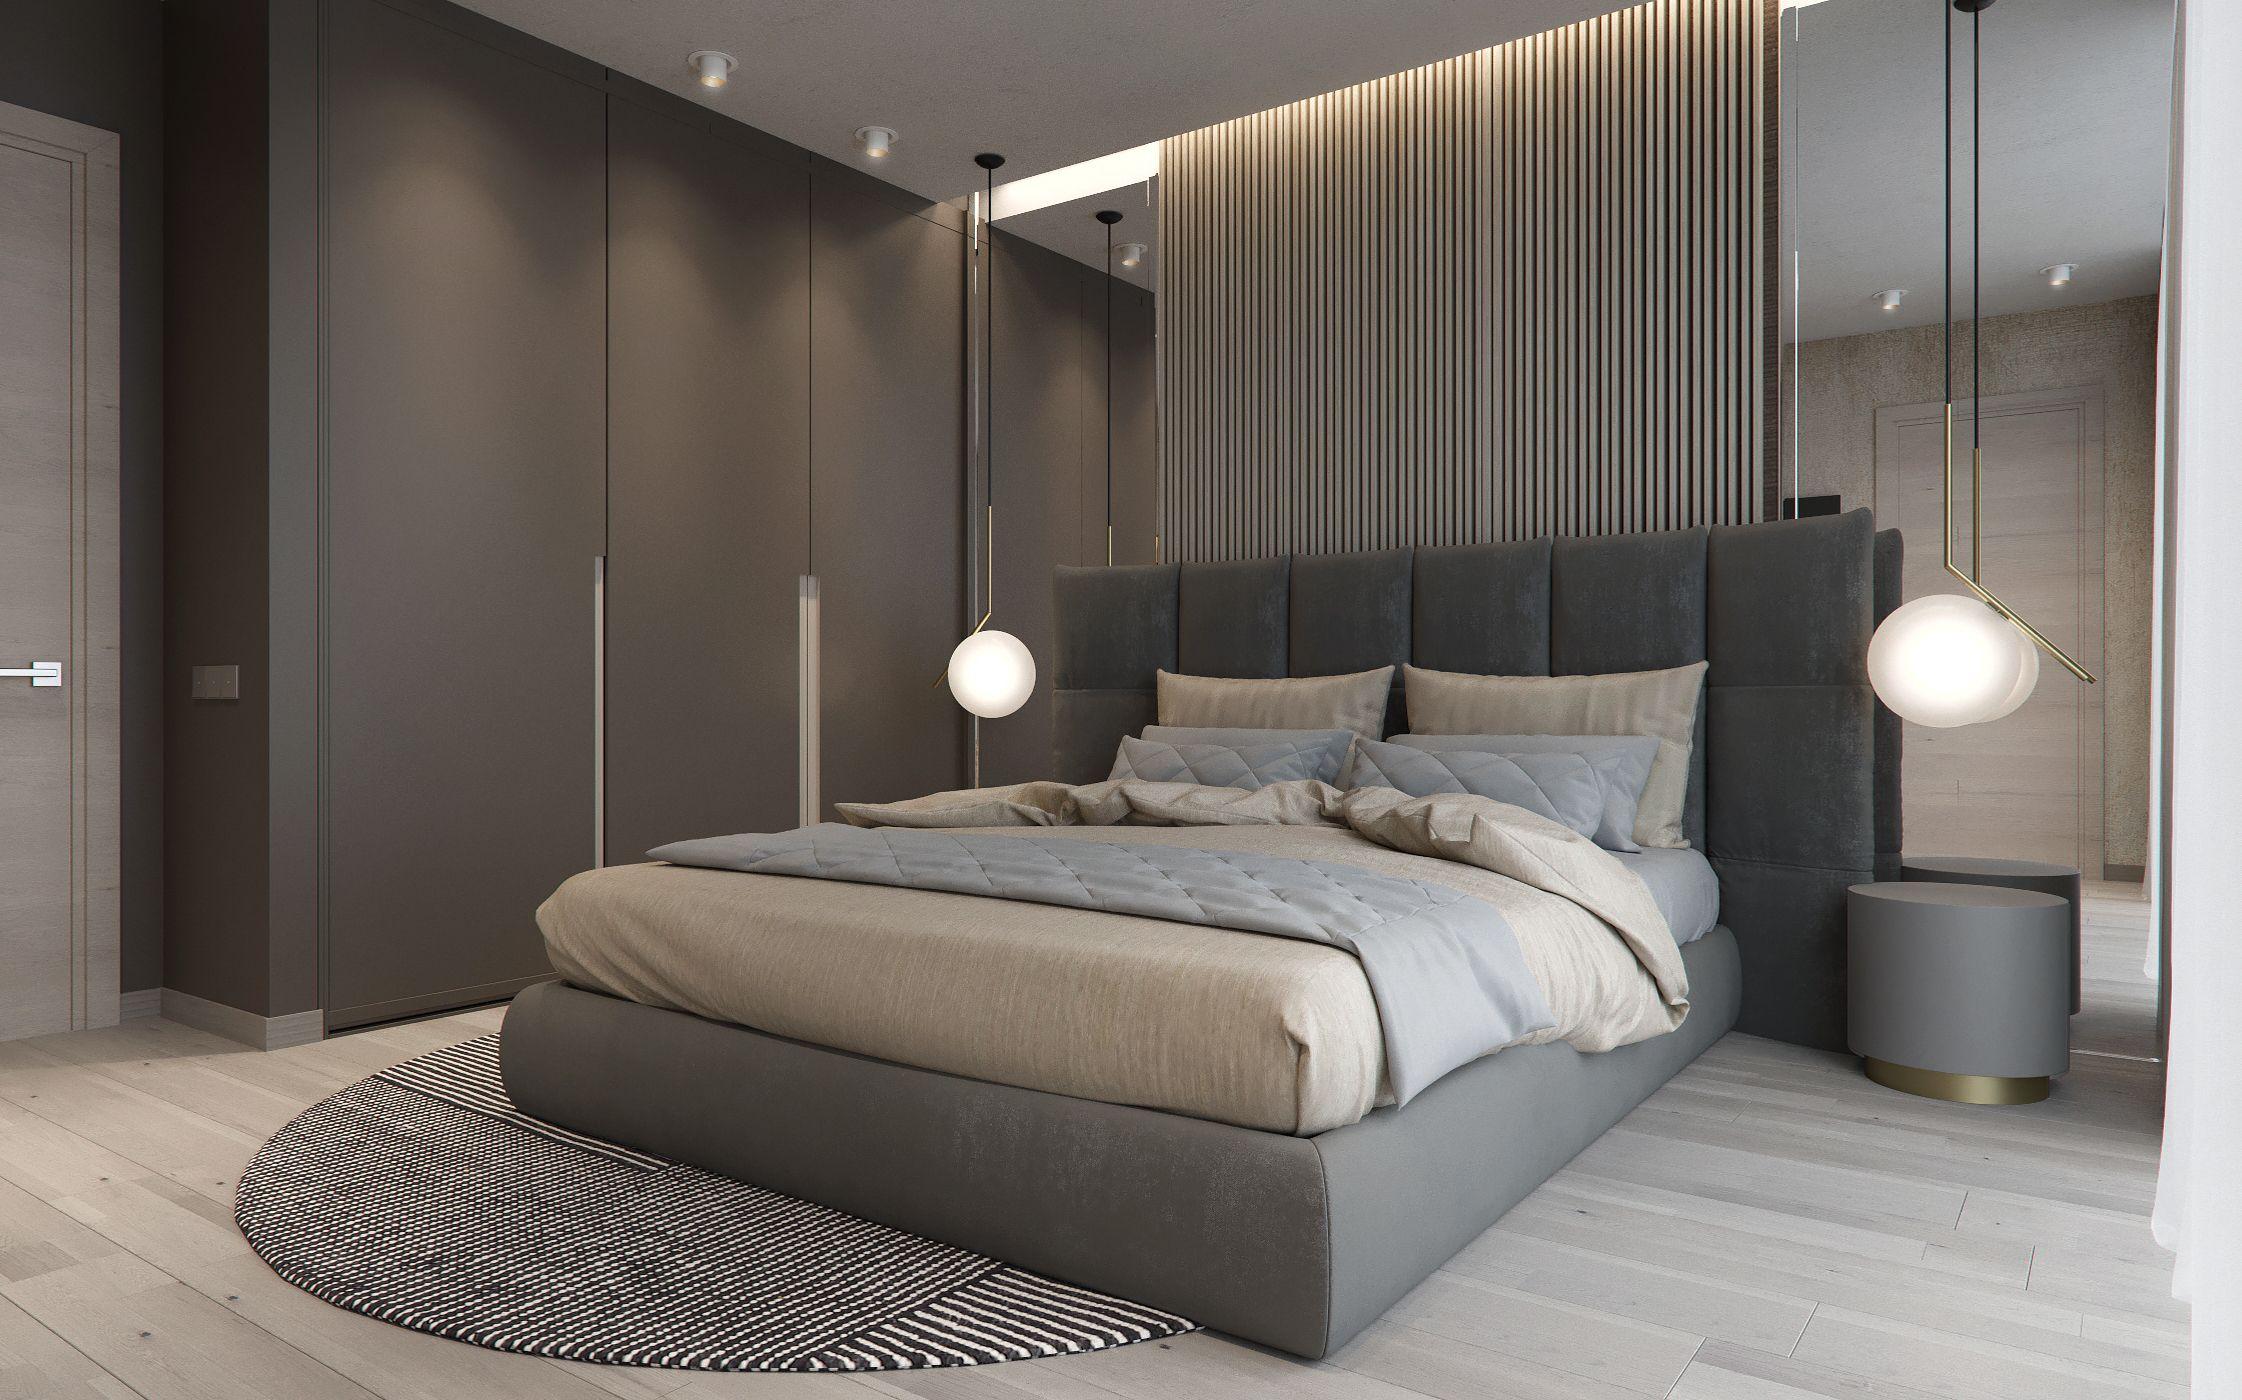 растение ведет современные кровати дизайн фото подставь, если